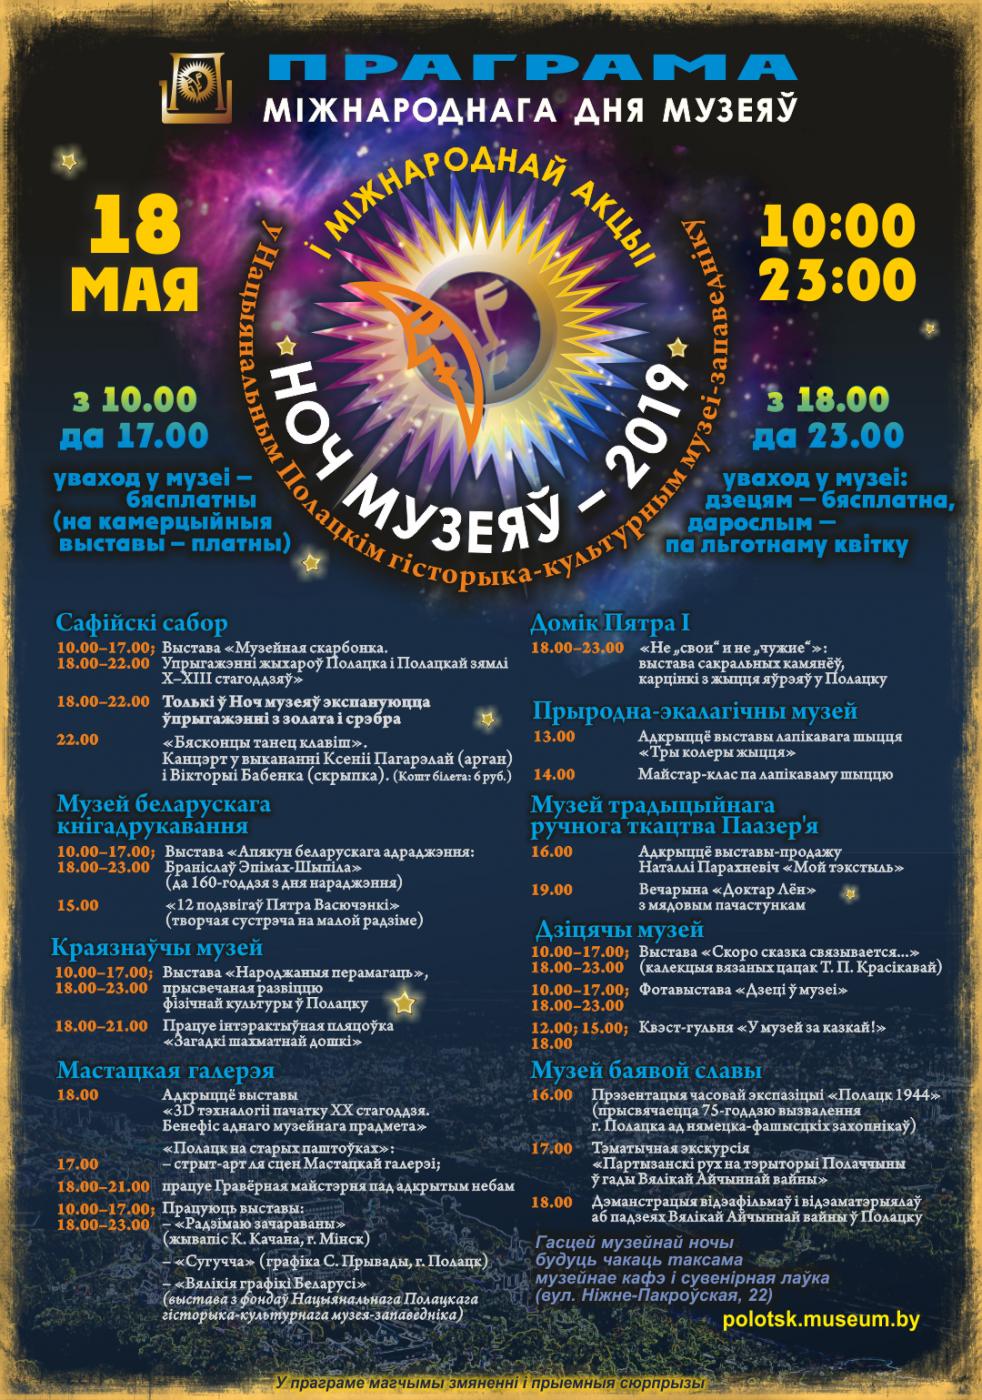 2019-05-18_nochmuseev